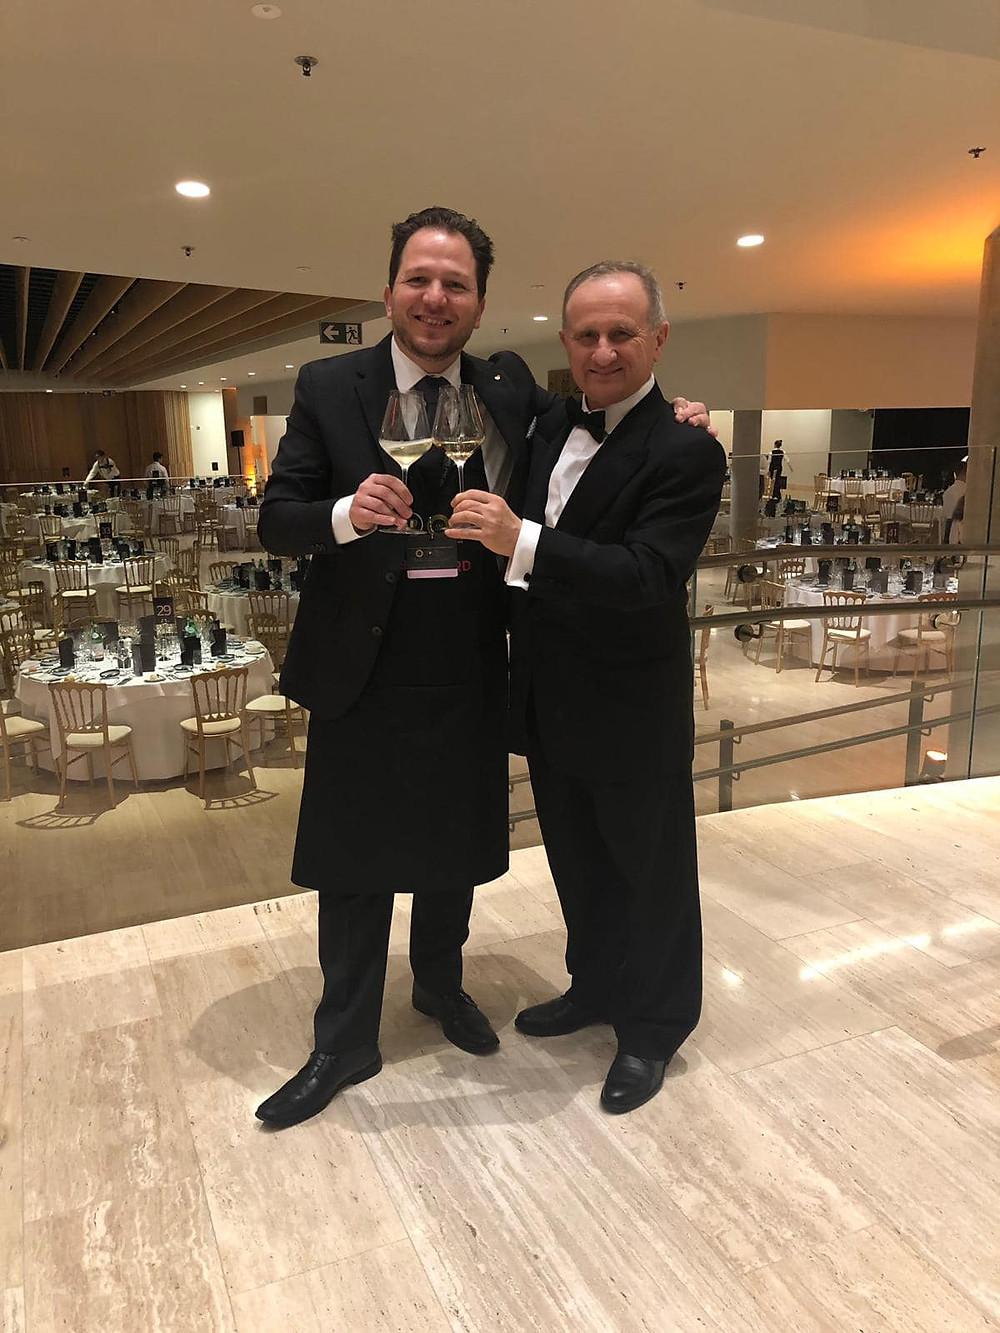 Daniele with Giuseppe Vaccarini